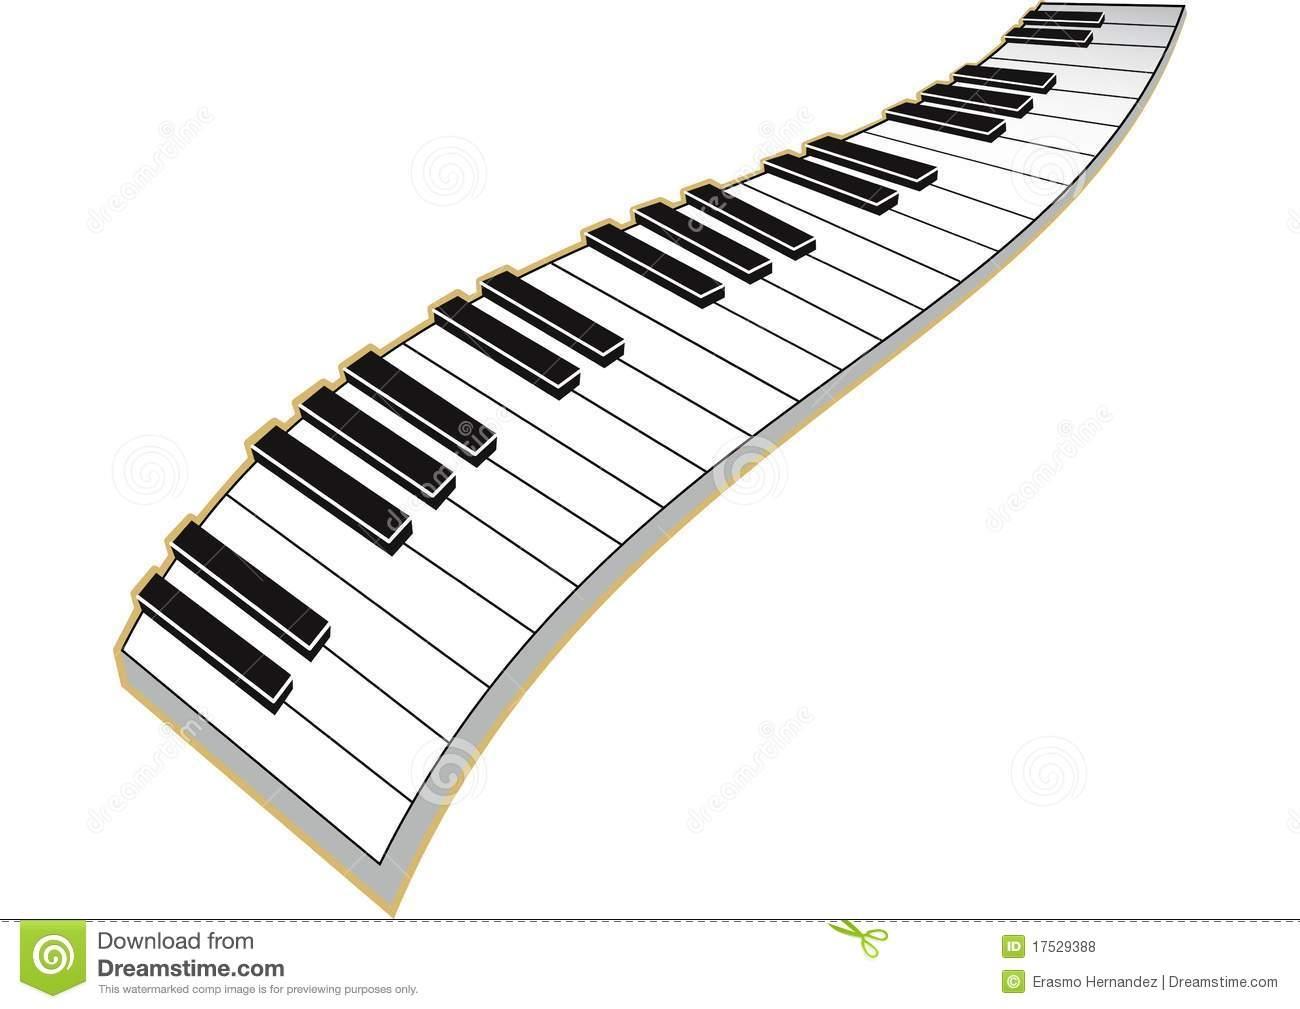 Piano keys clipart Beautiful Piano clipart wavy Pencil and.